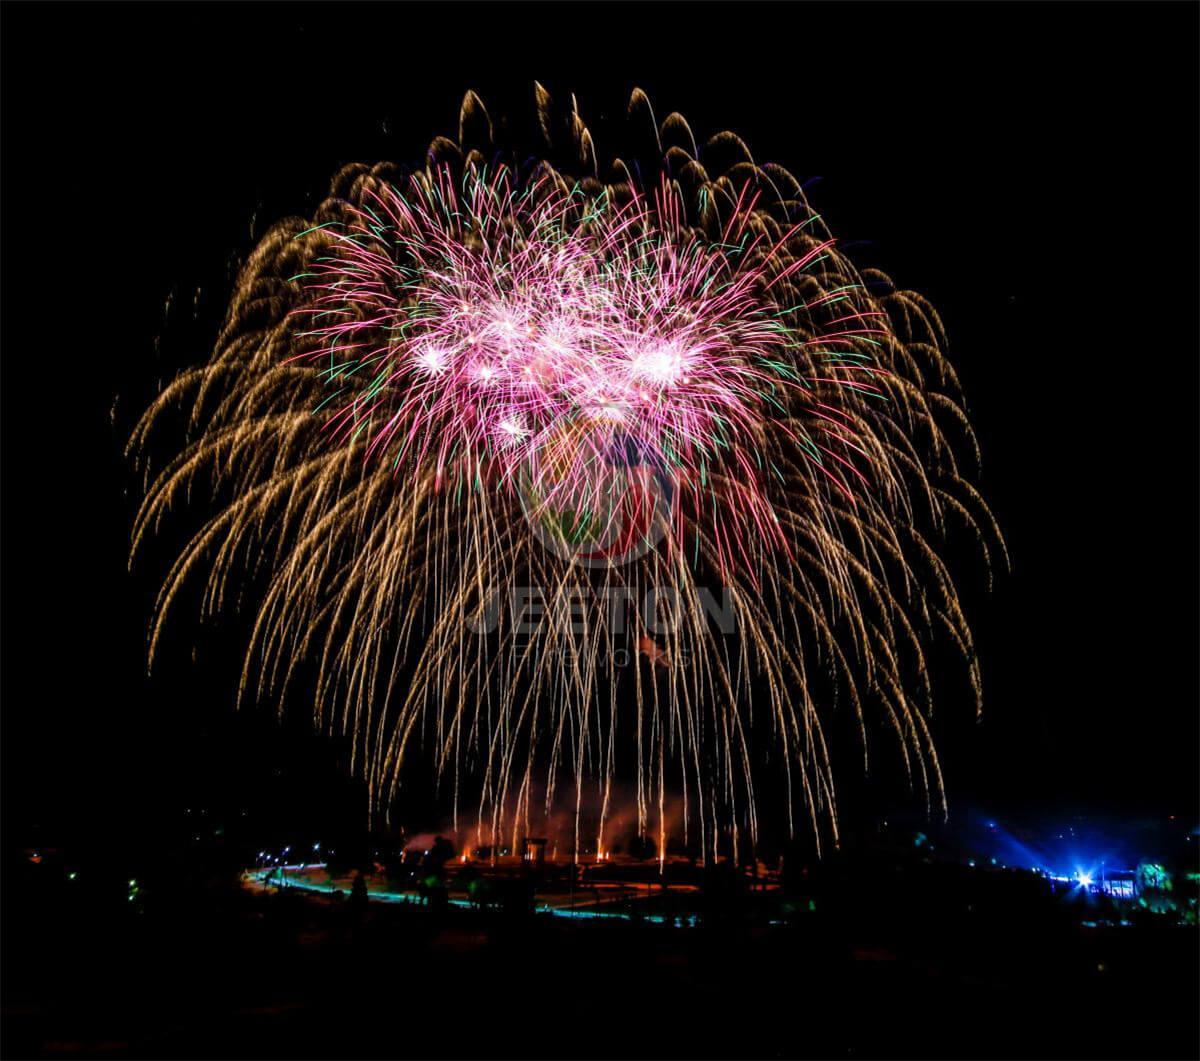 乌兹别克斯坦28周年独立日庆典焰火表演